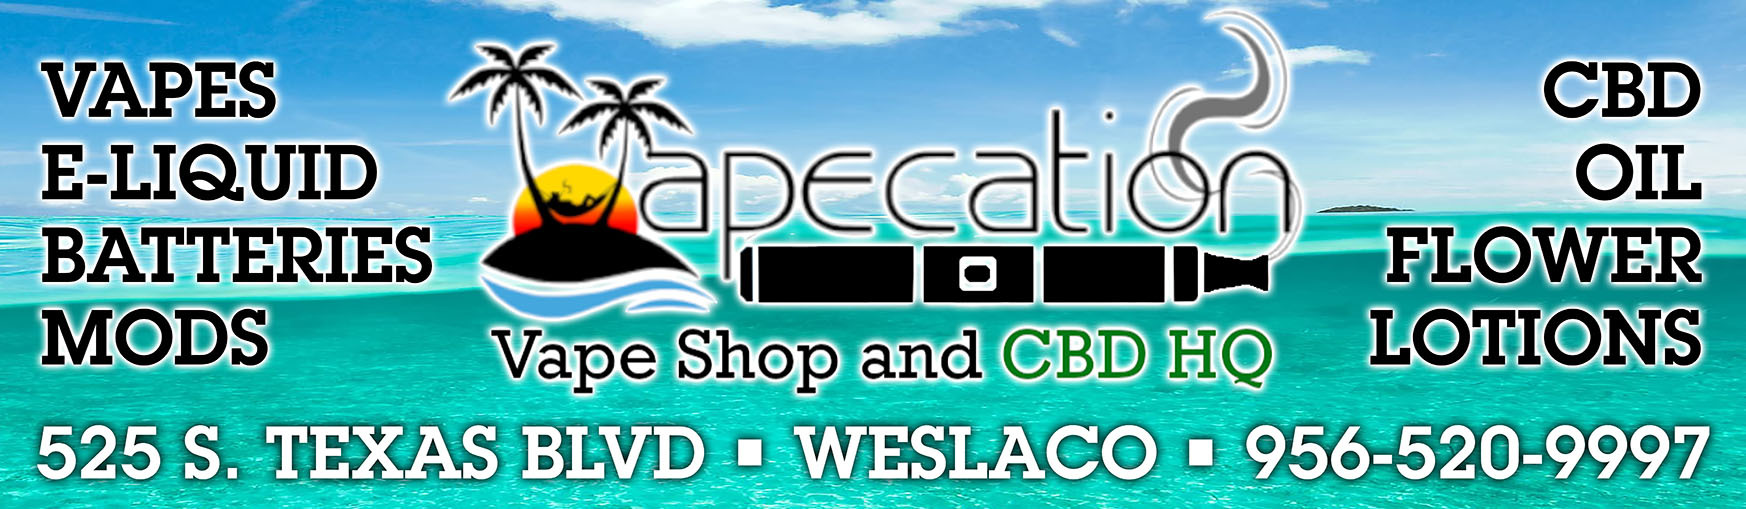 Vapecation Vape and CBD HQ